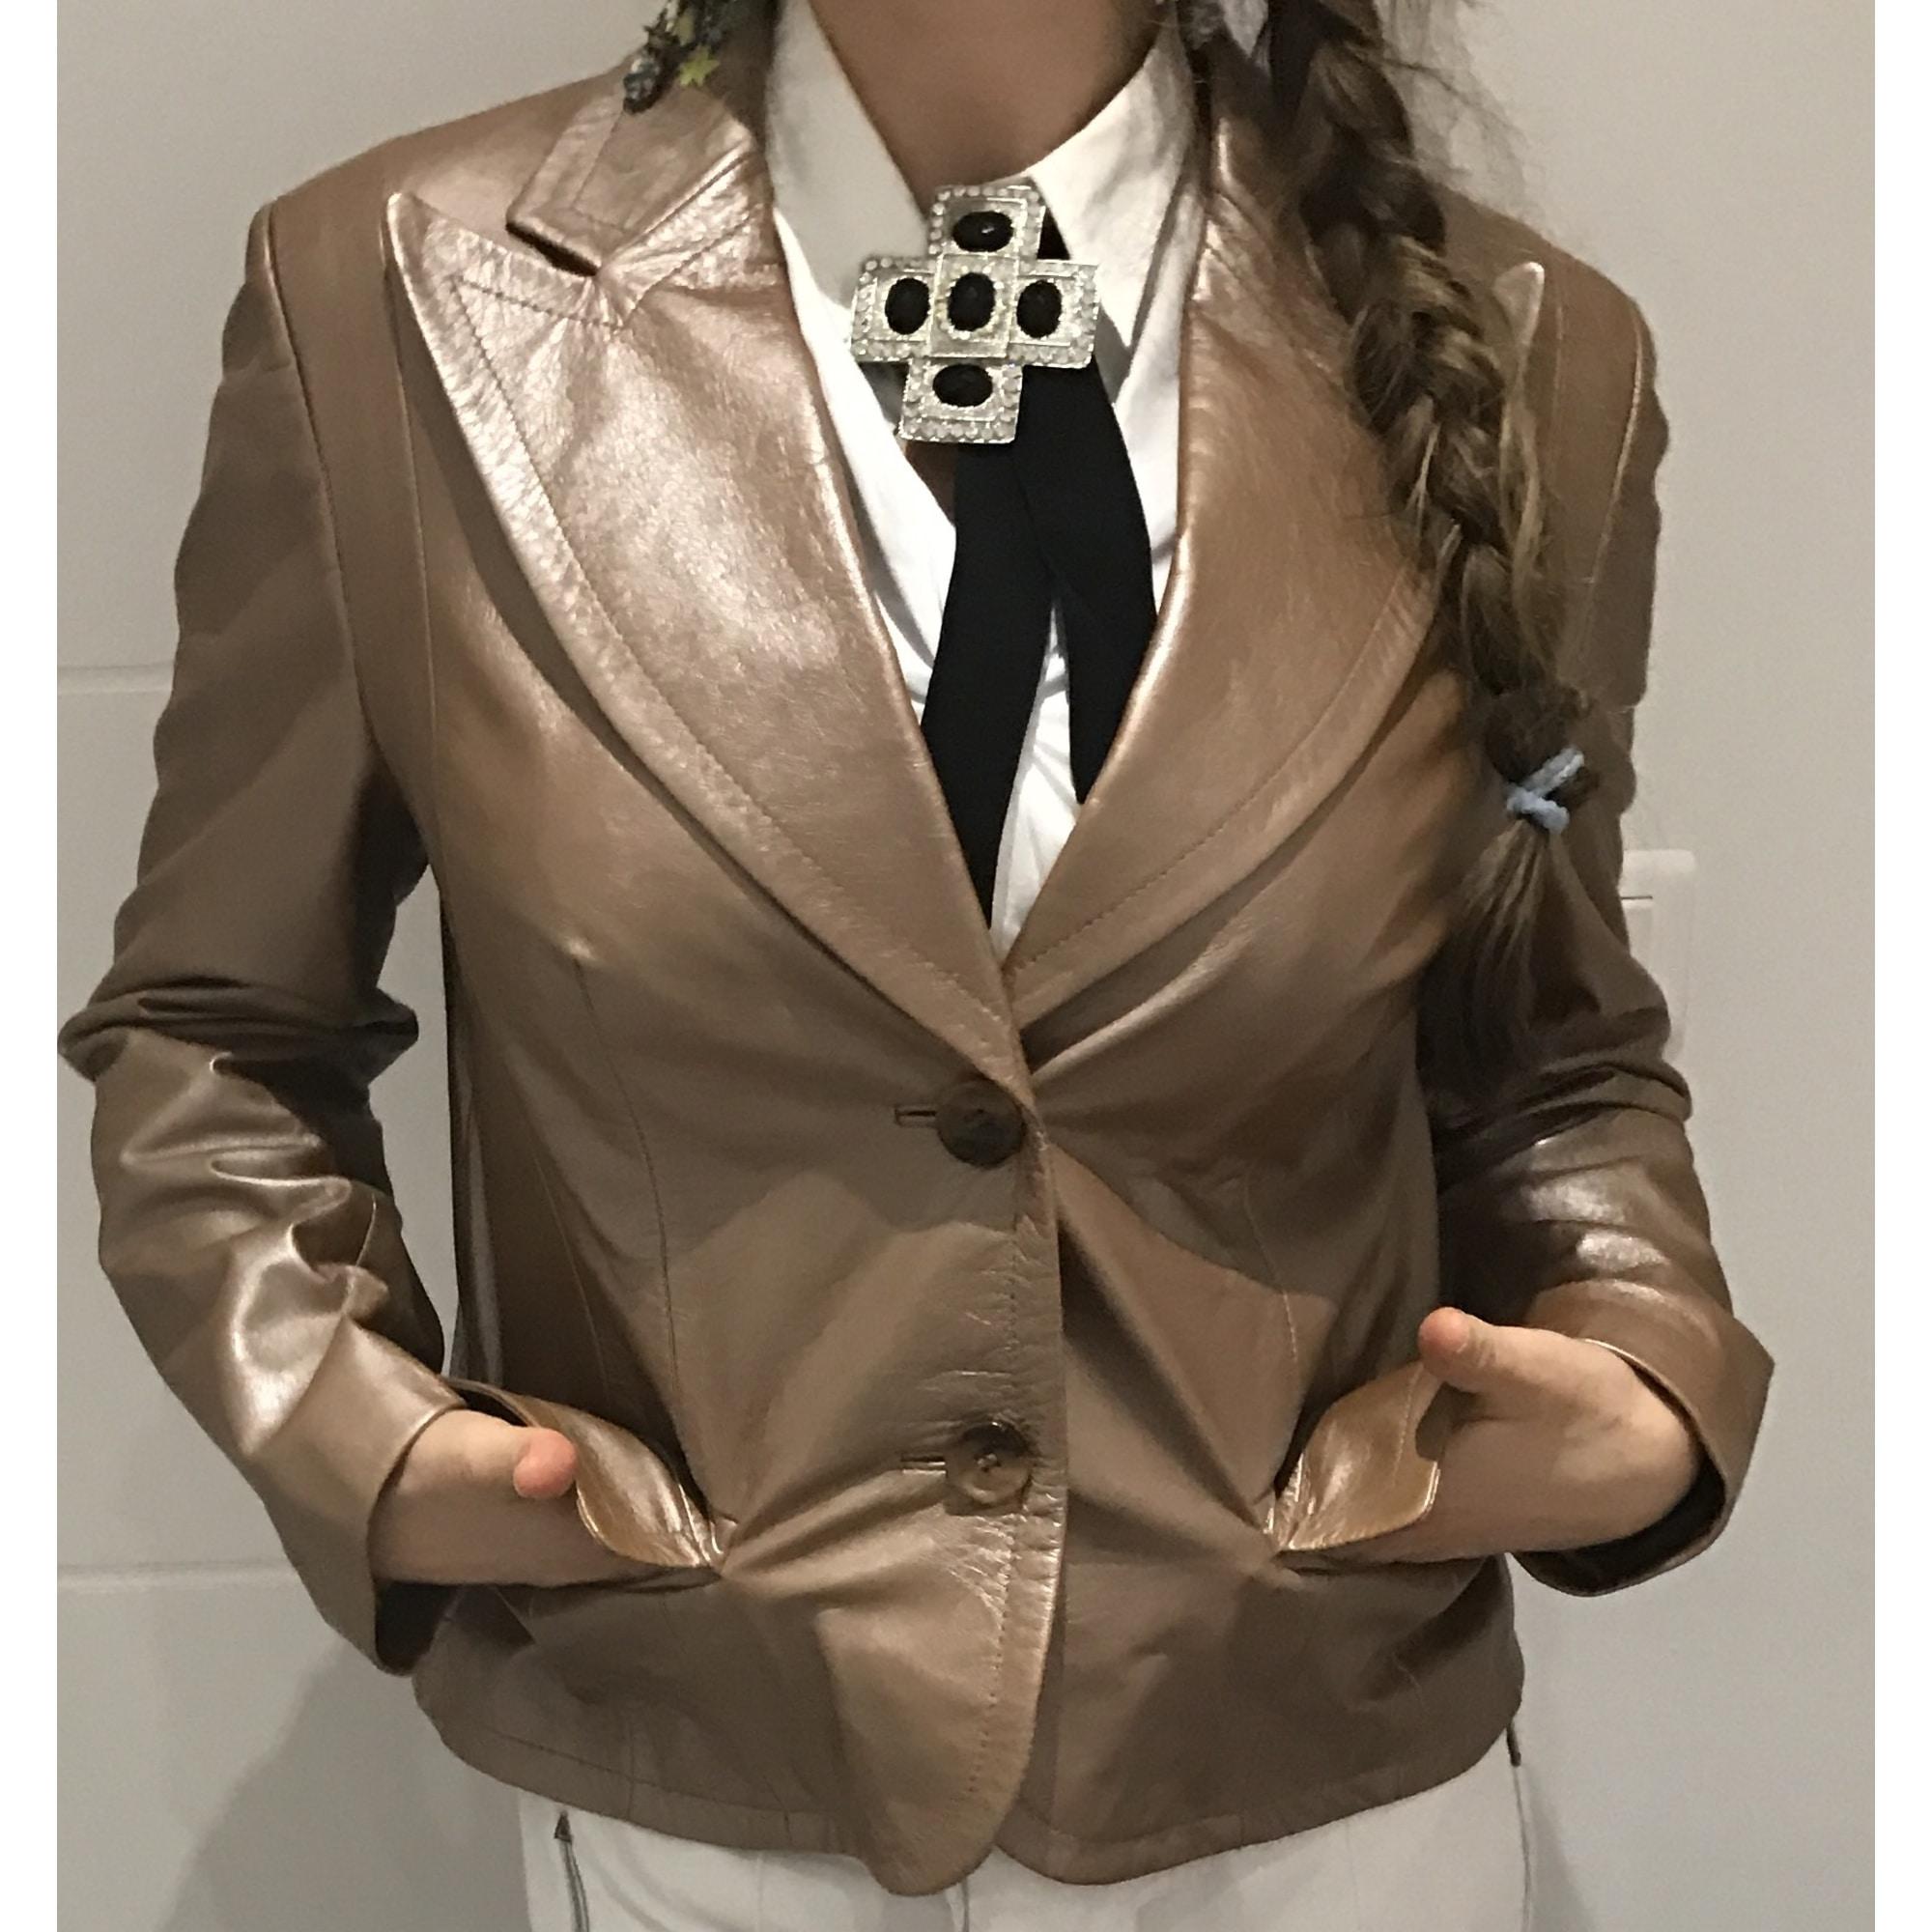 Veste en cuir PRESTIGE ÉLÉGANCE S.A.PARIS ... Doré, bronze, cuivre